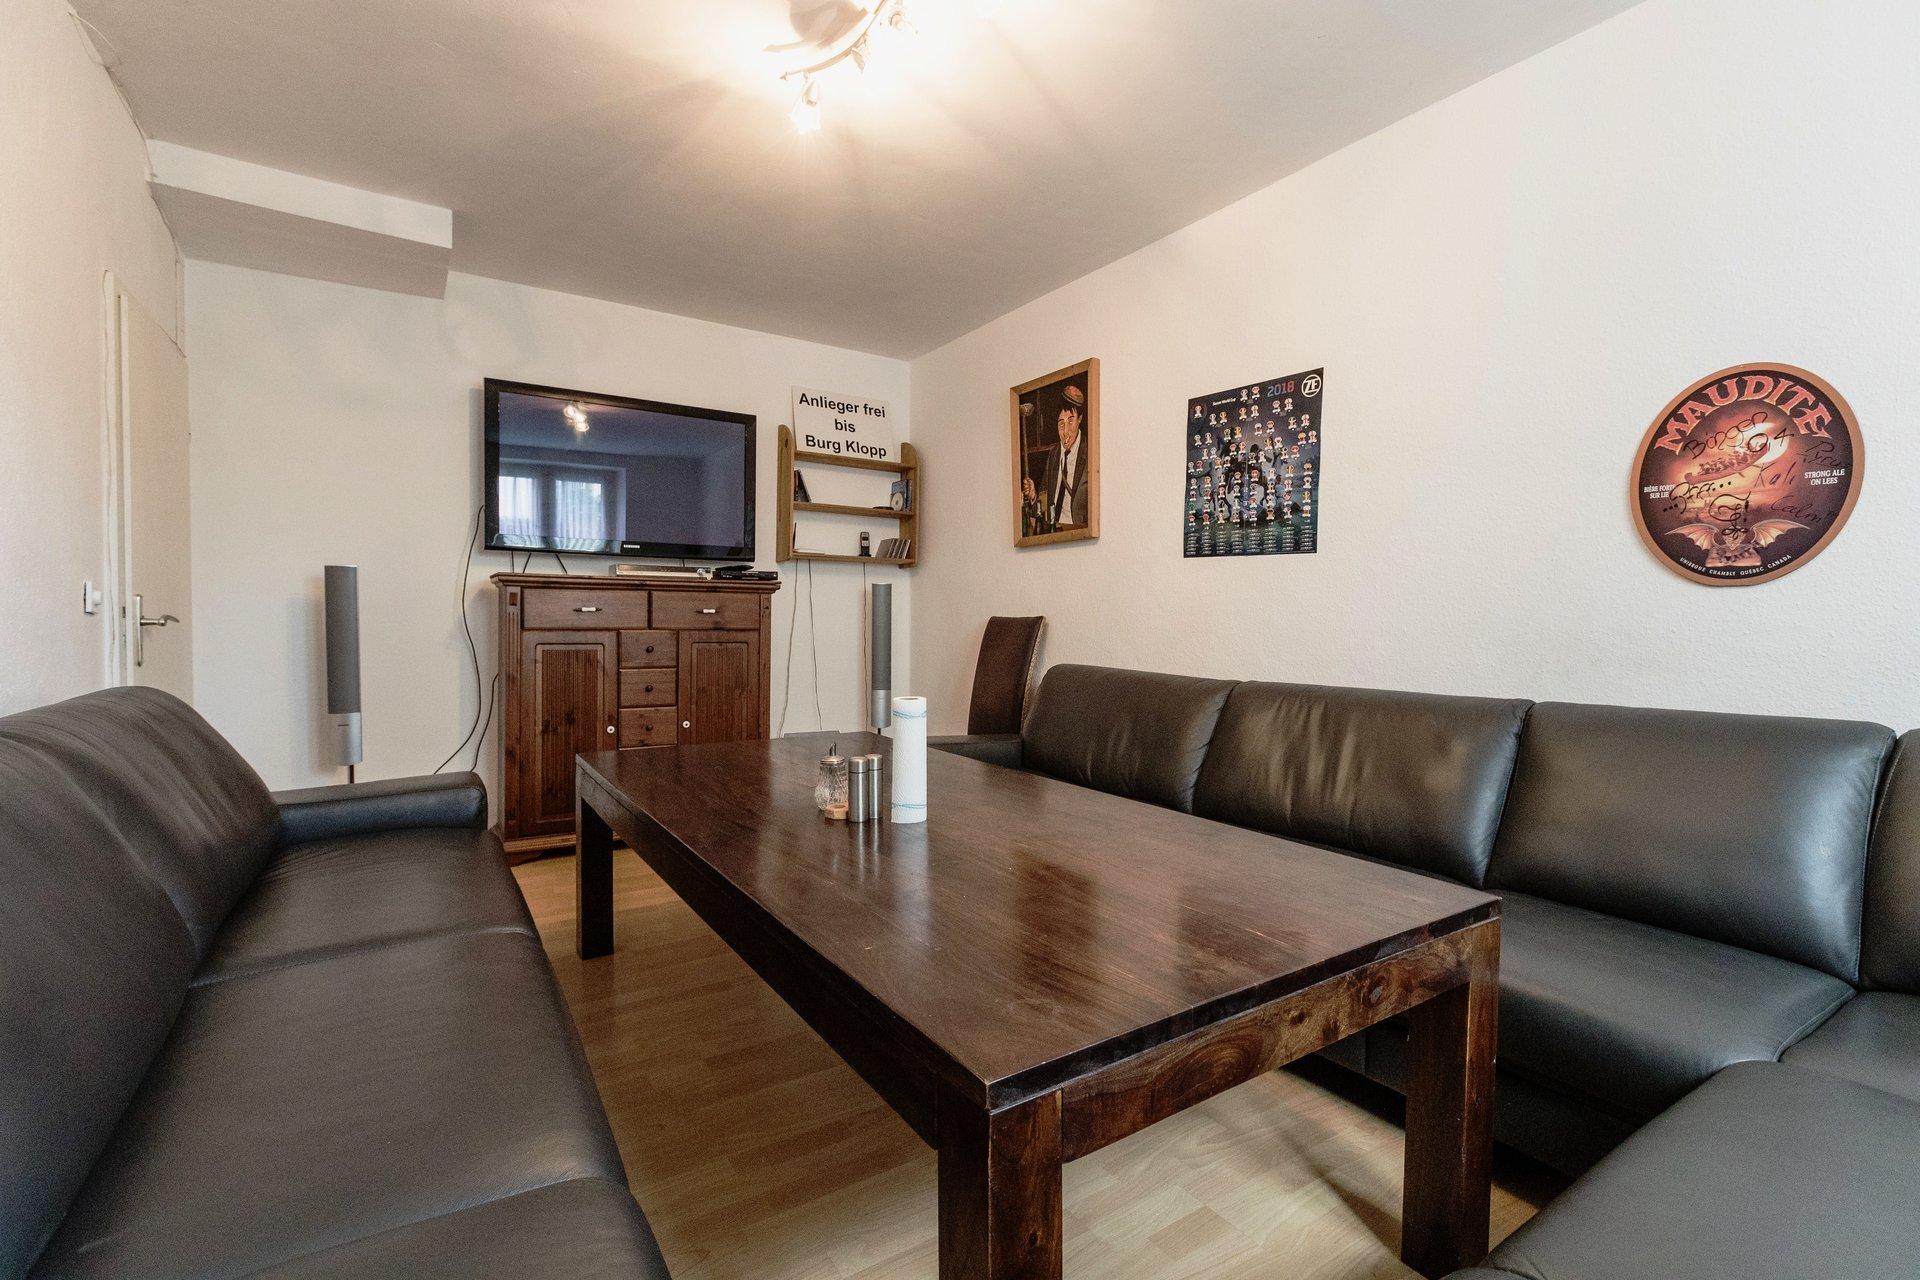 Studentenwohnheim Bingen Teutonenhaus Wohnzimmer und Fernsehraum